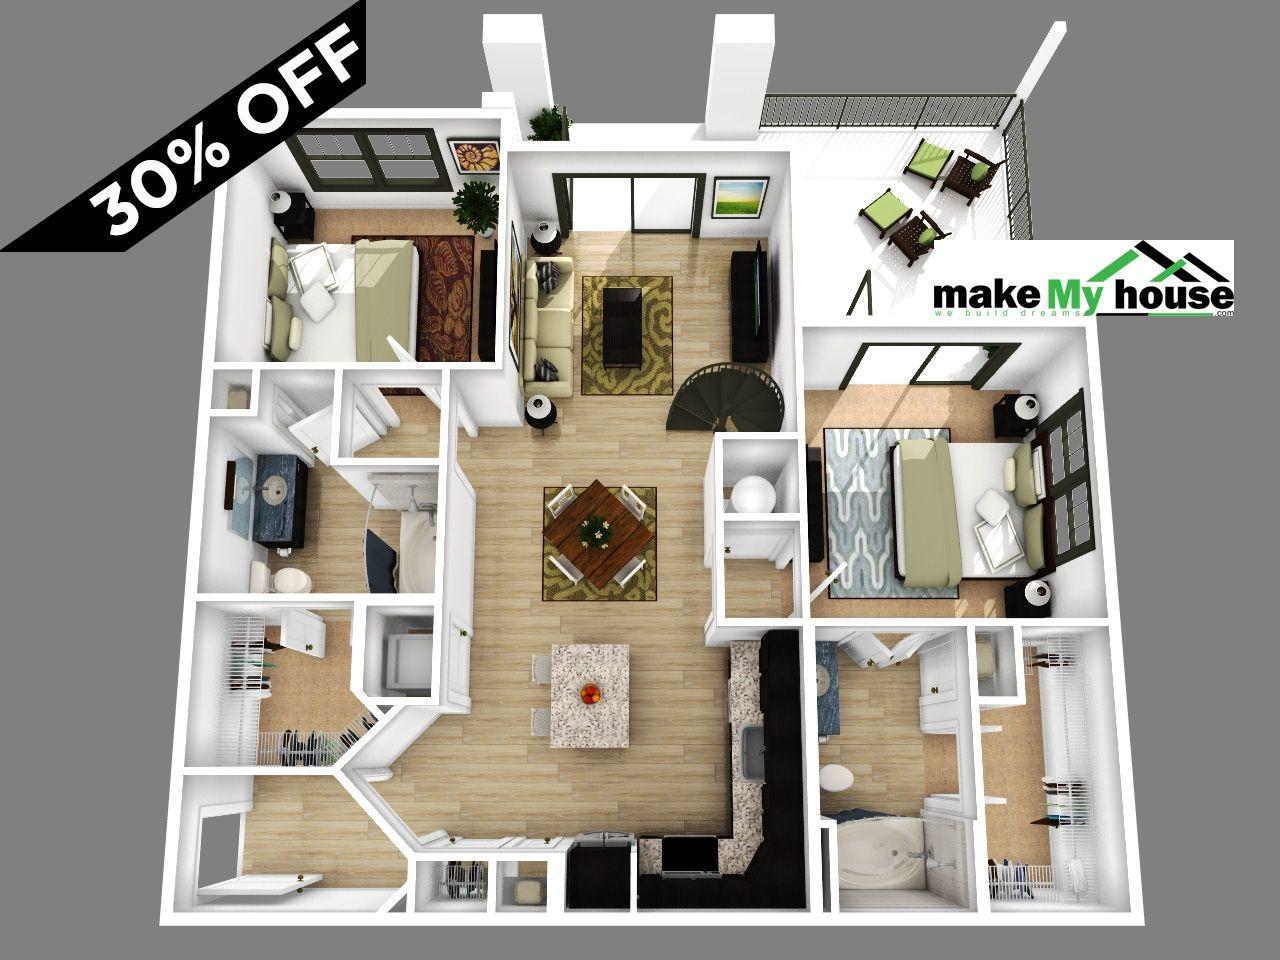 2 Bedroom Apartment Floor Plans A